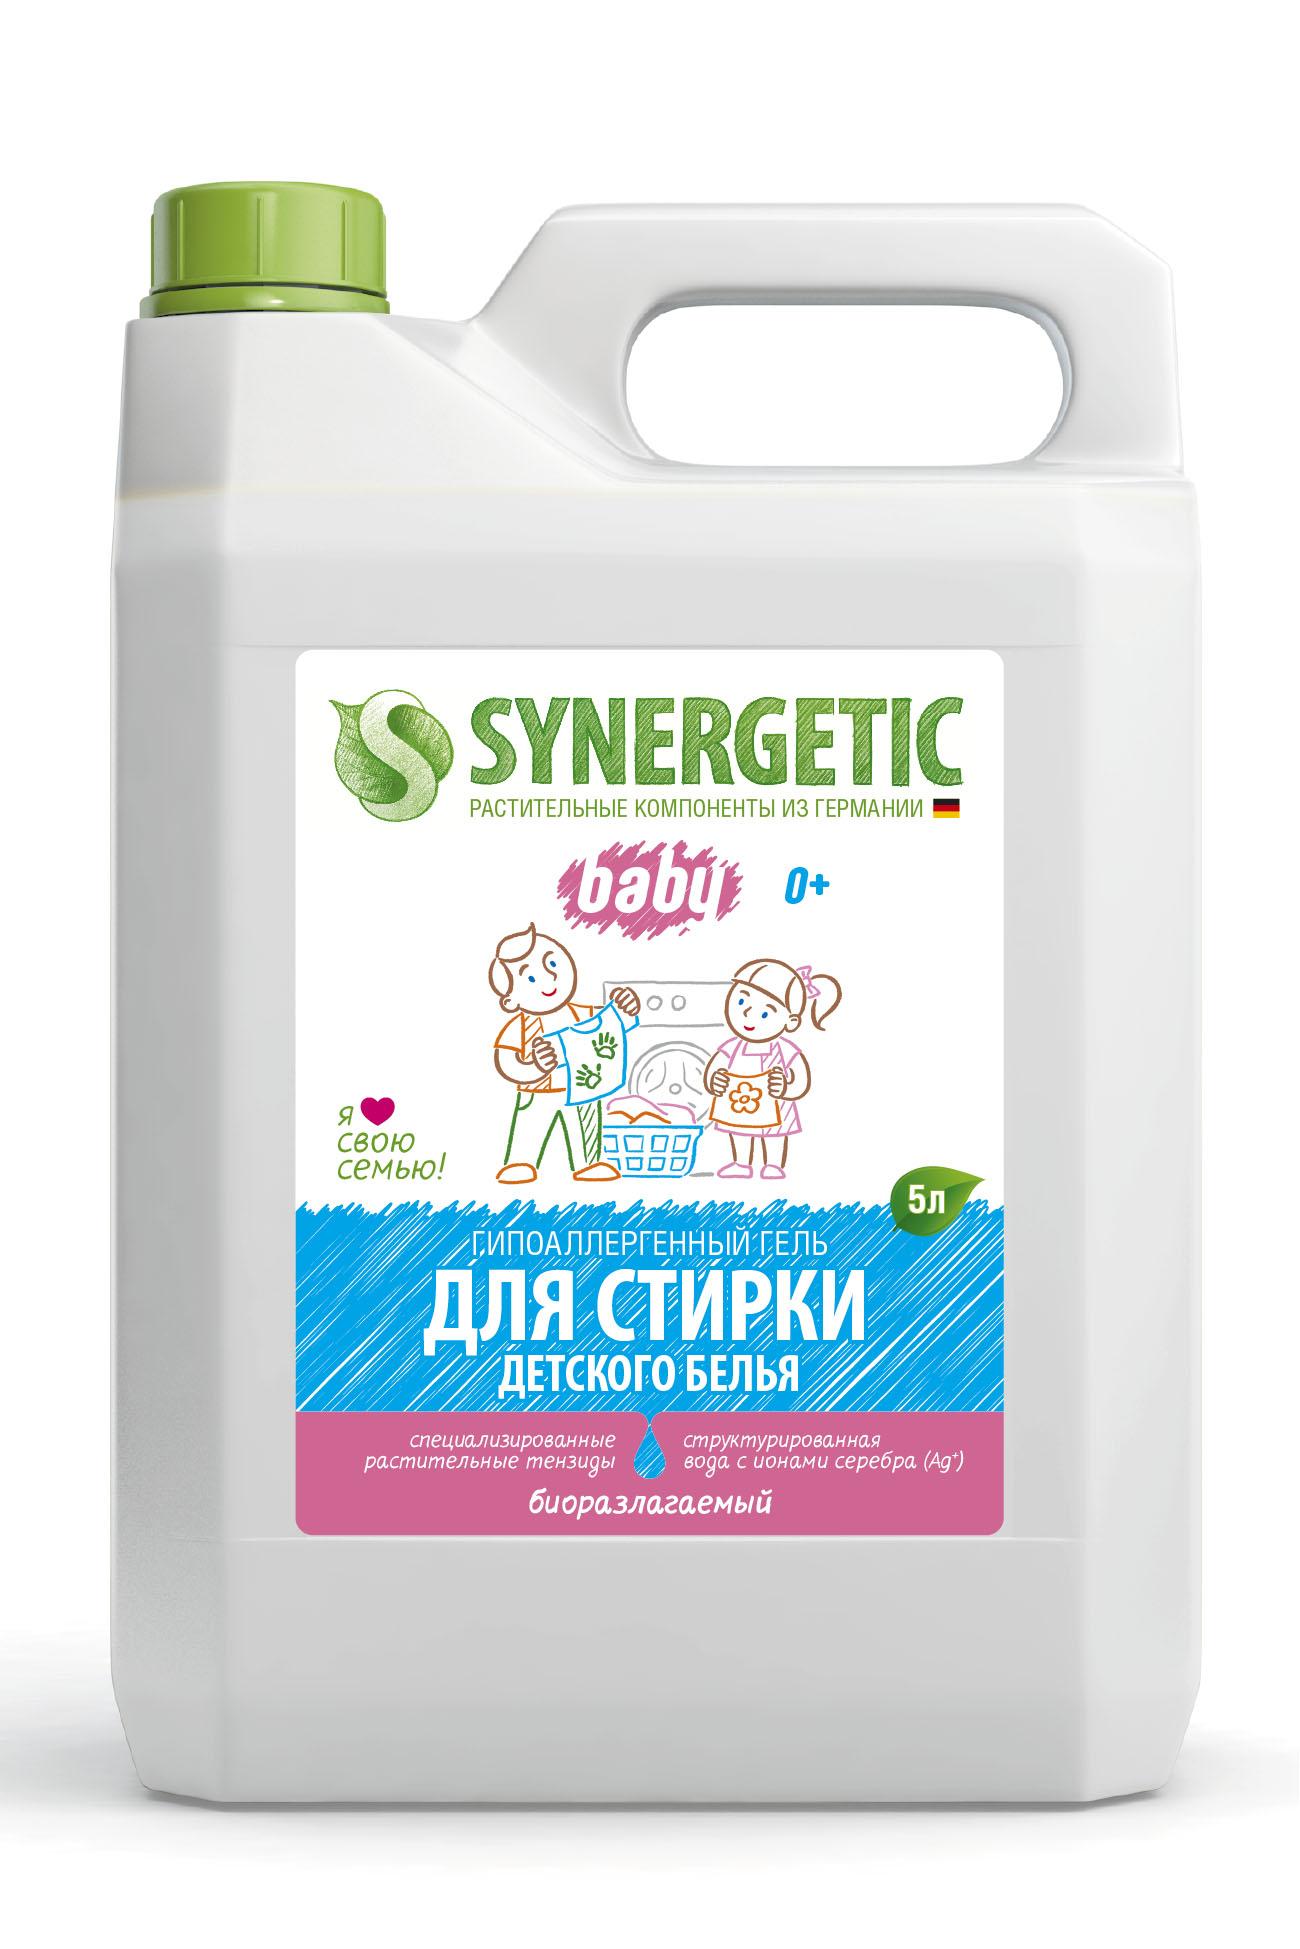 Бытовая химия Synergetic Synergetic 5 л средства для стирки nagara nagara средство для чистки барабанов 4 5 гр 5 таблеток